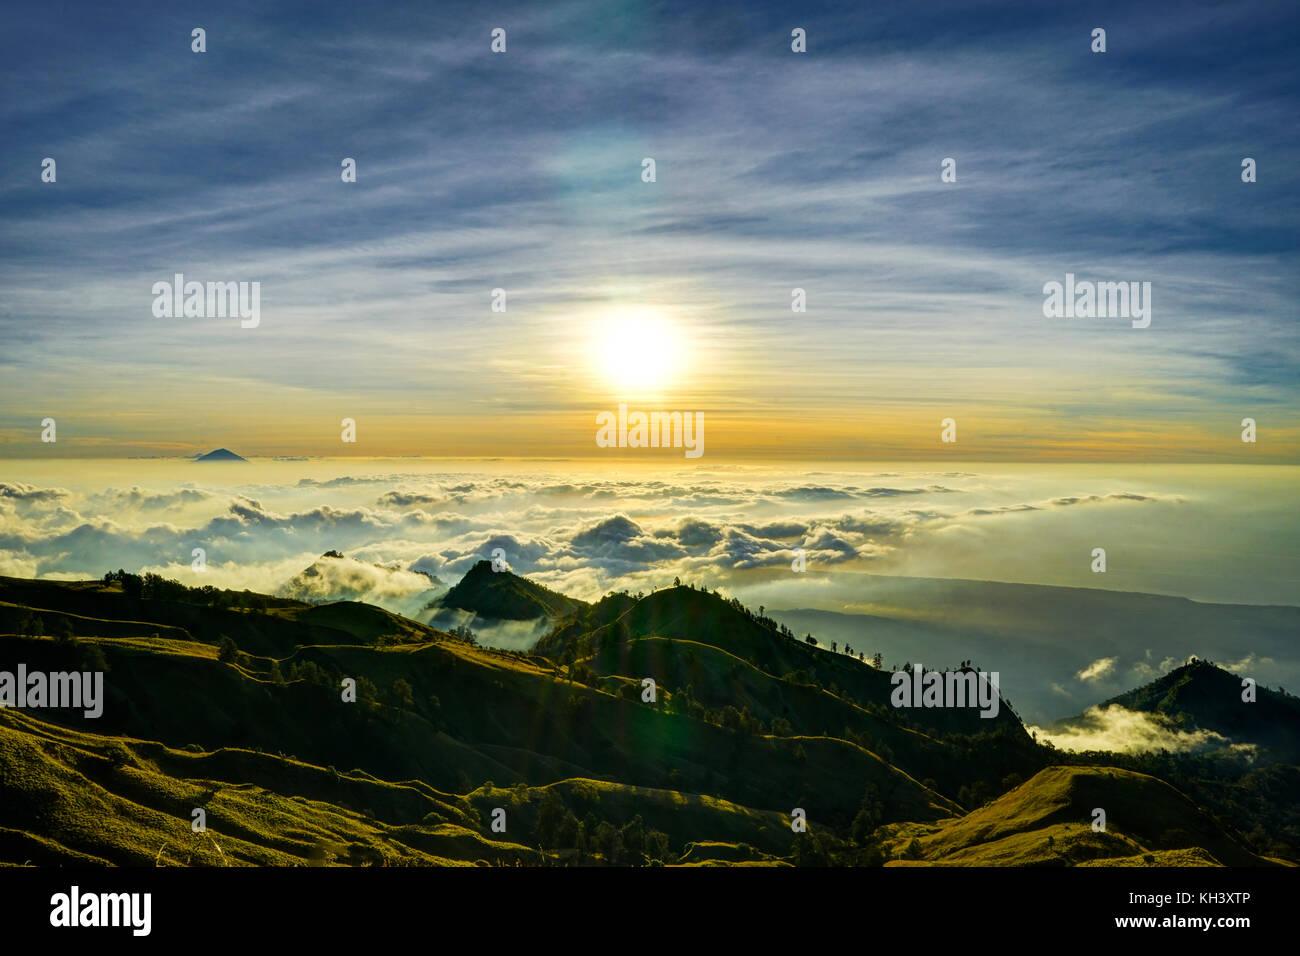 Sonnenuntergang über den Wolken Mountain Top Vulkan Rinjani auf Lombok Indonesien Stockbild